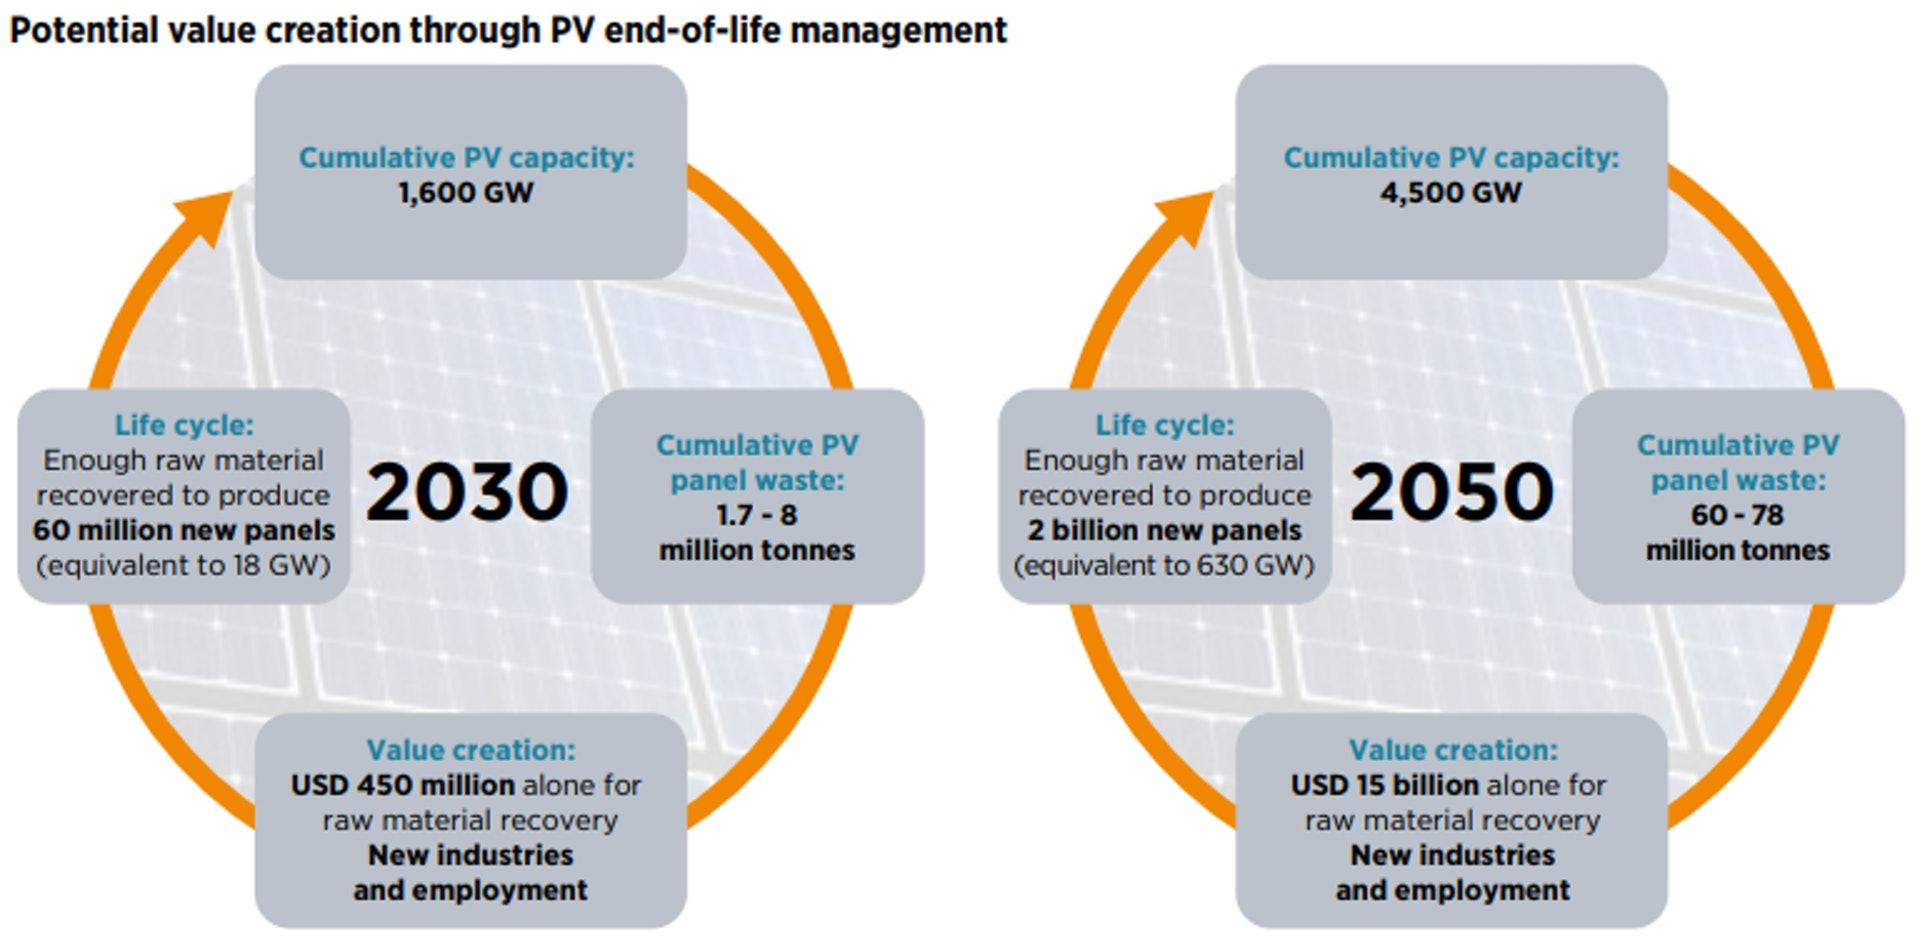 回收材料價值在2030年可累積到4.5億美元,到2050年更將超過150億美元。(來源:IRENA 2016 AND IEA-PVPS 2016)